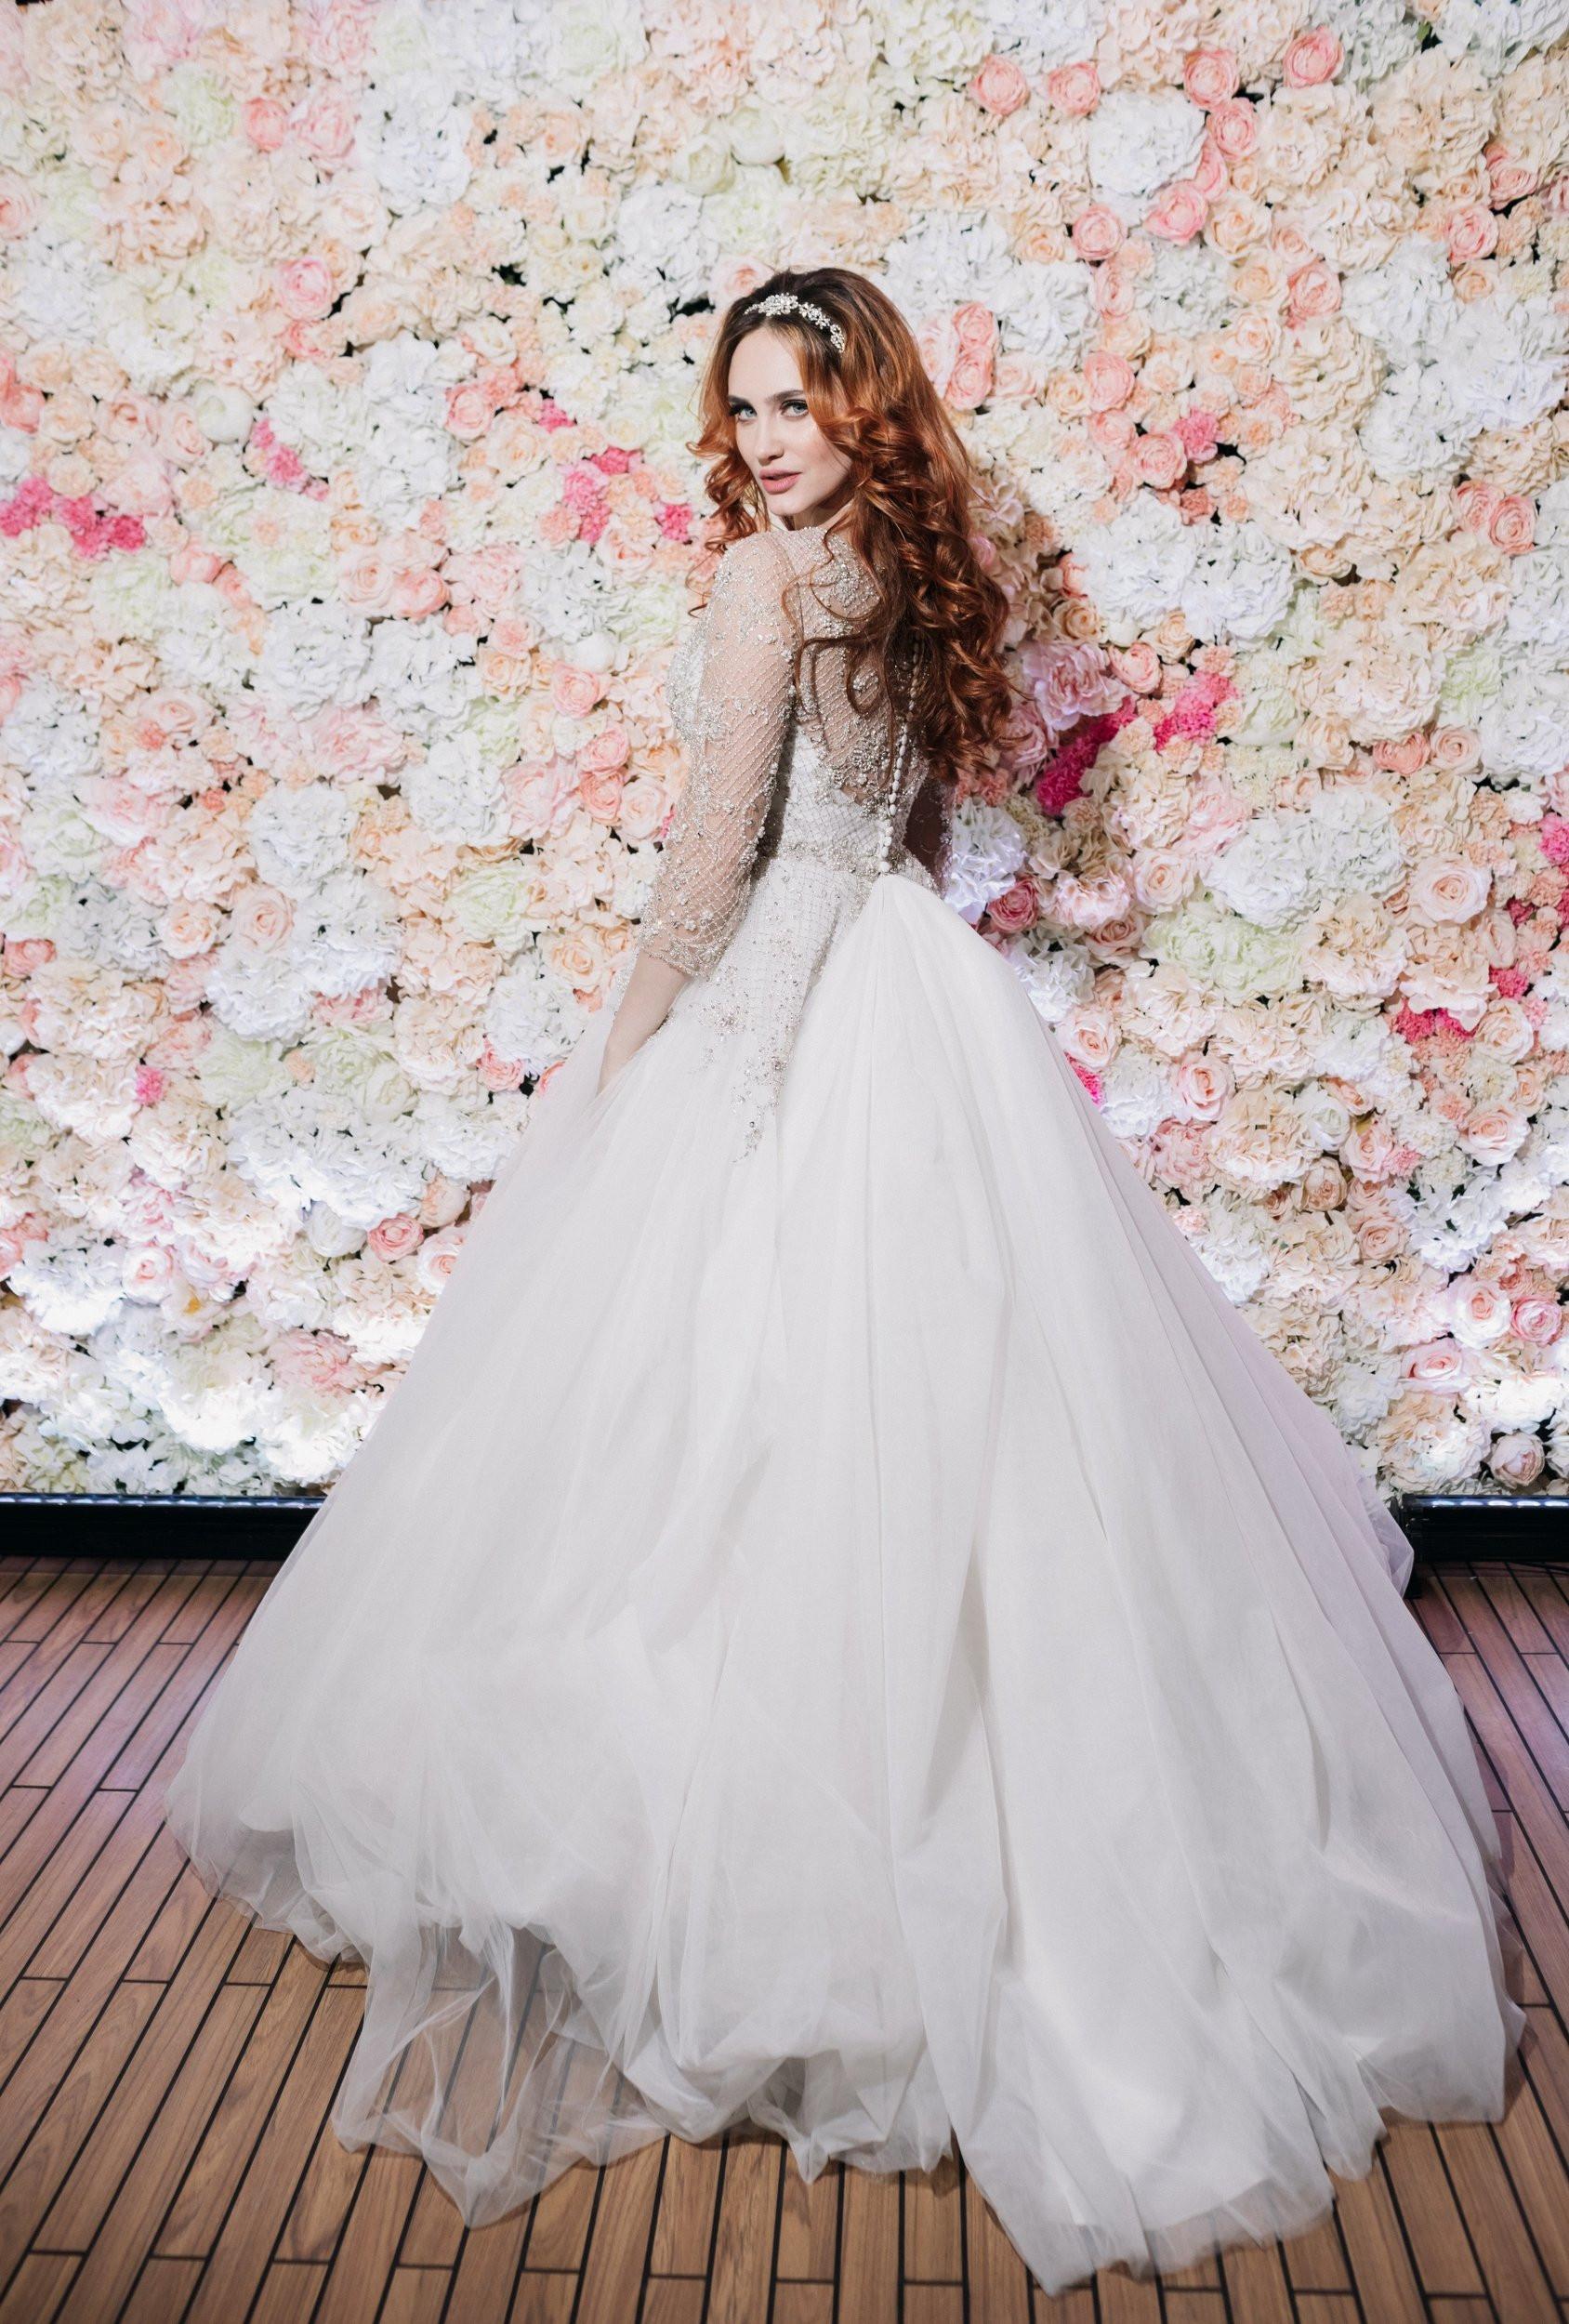 Красота снаружи и внутри: свадьба от агентства